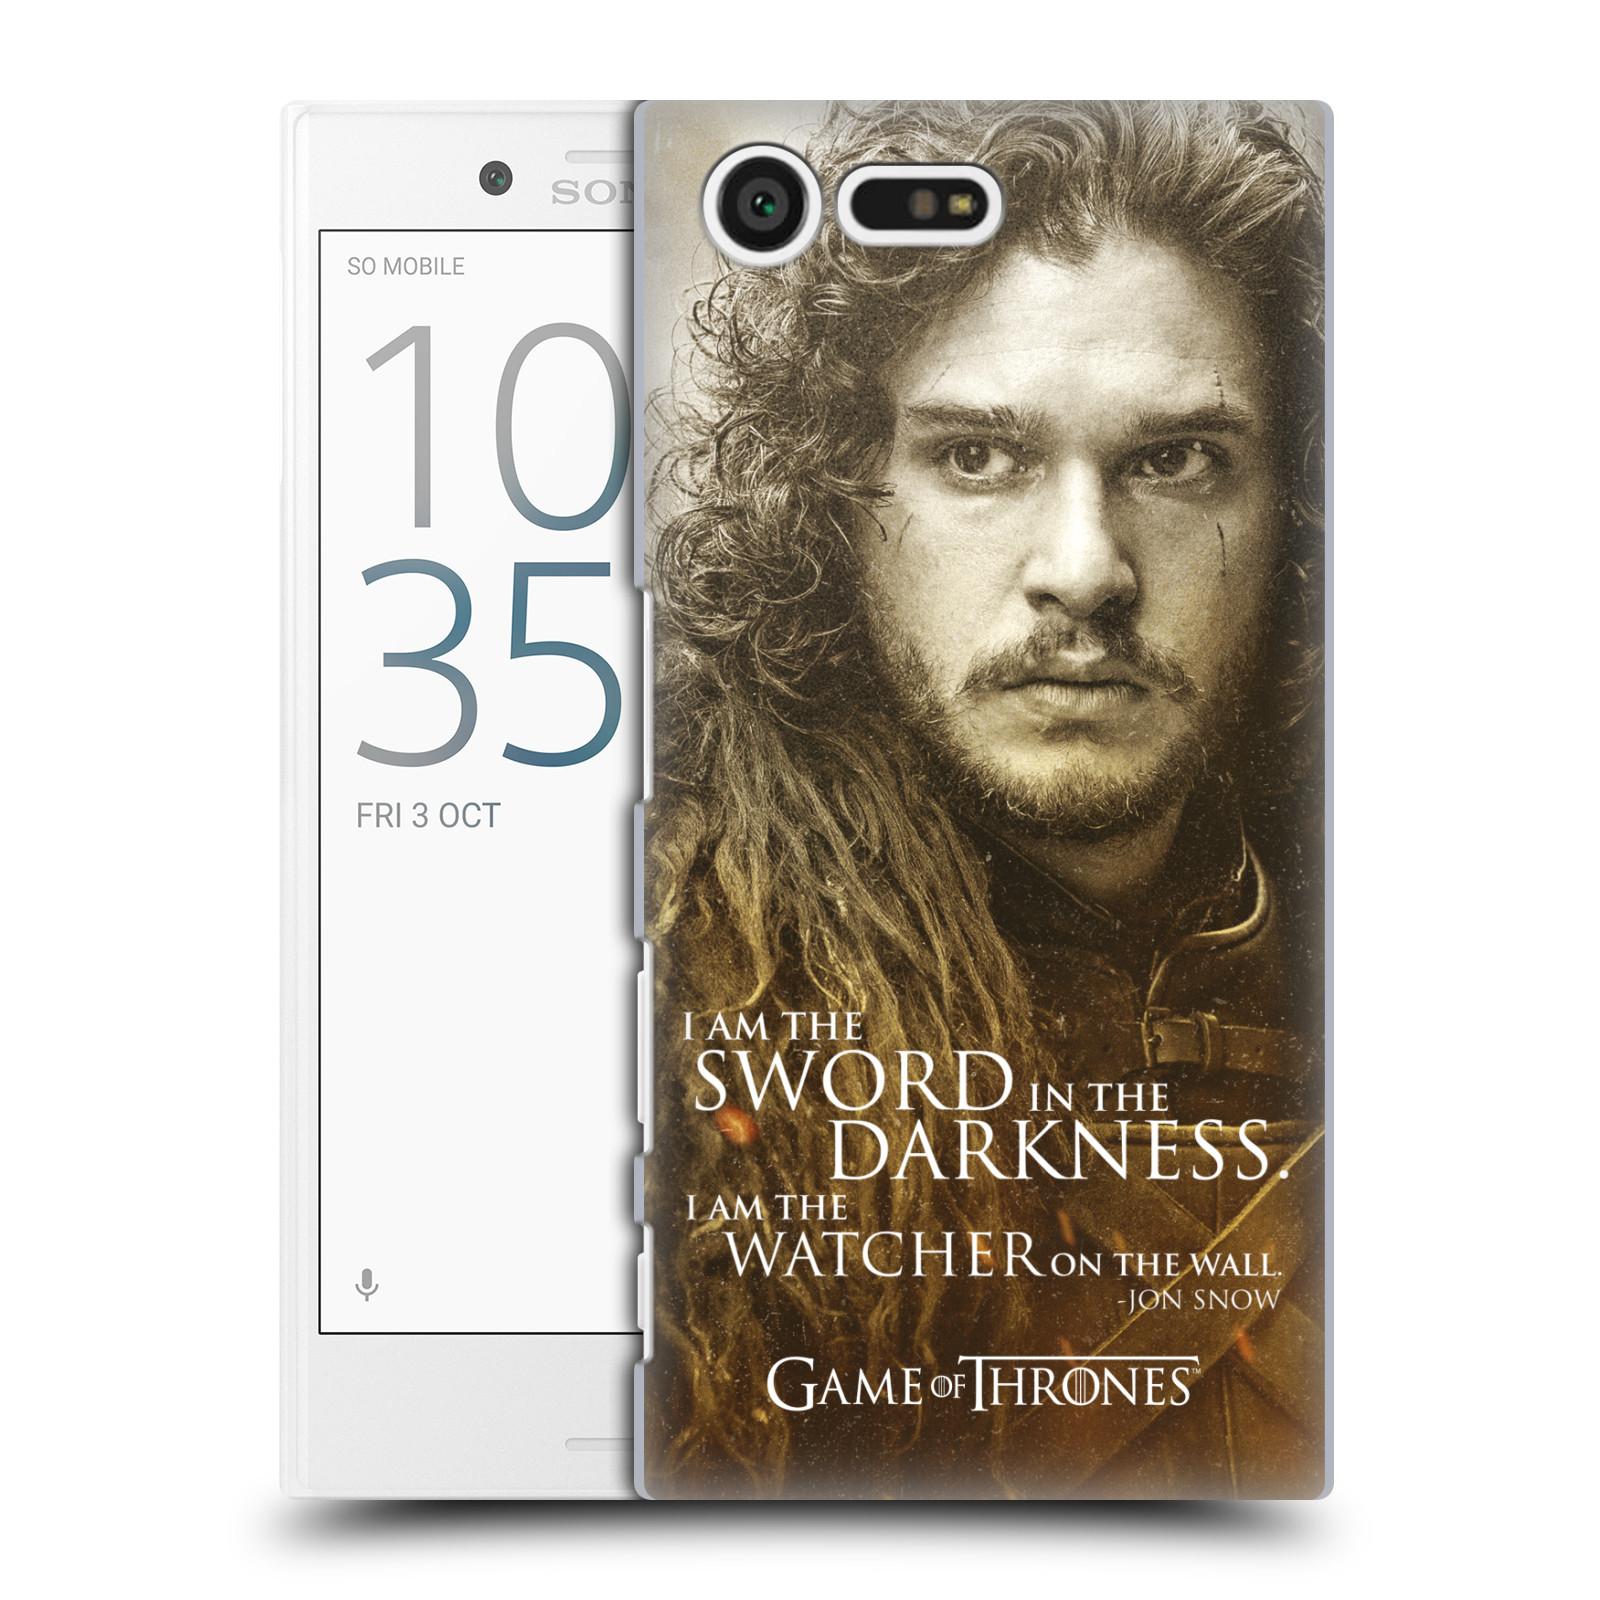 Plastové pouzdro na mobil Sony Xperia X Compact HEAD CASE Hra o trůny - Jon Snow (Plastový kryt či obal na mobilní telefon s licencovaným motivem Hra o trůny - Game Of Thrones pro Sony Xperia X Compact F5321)